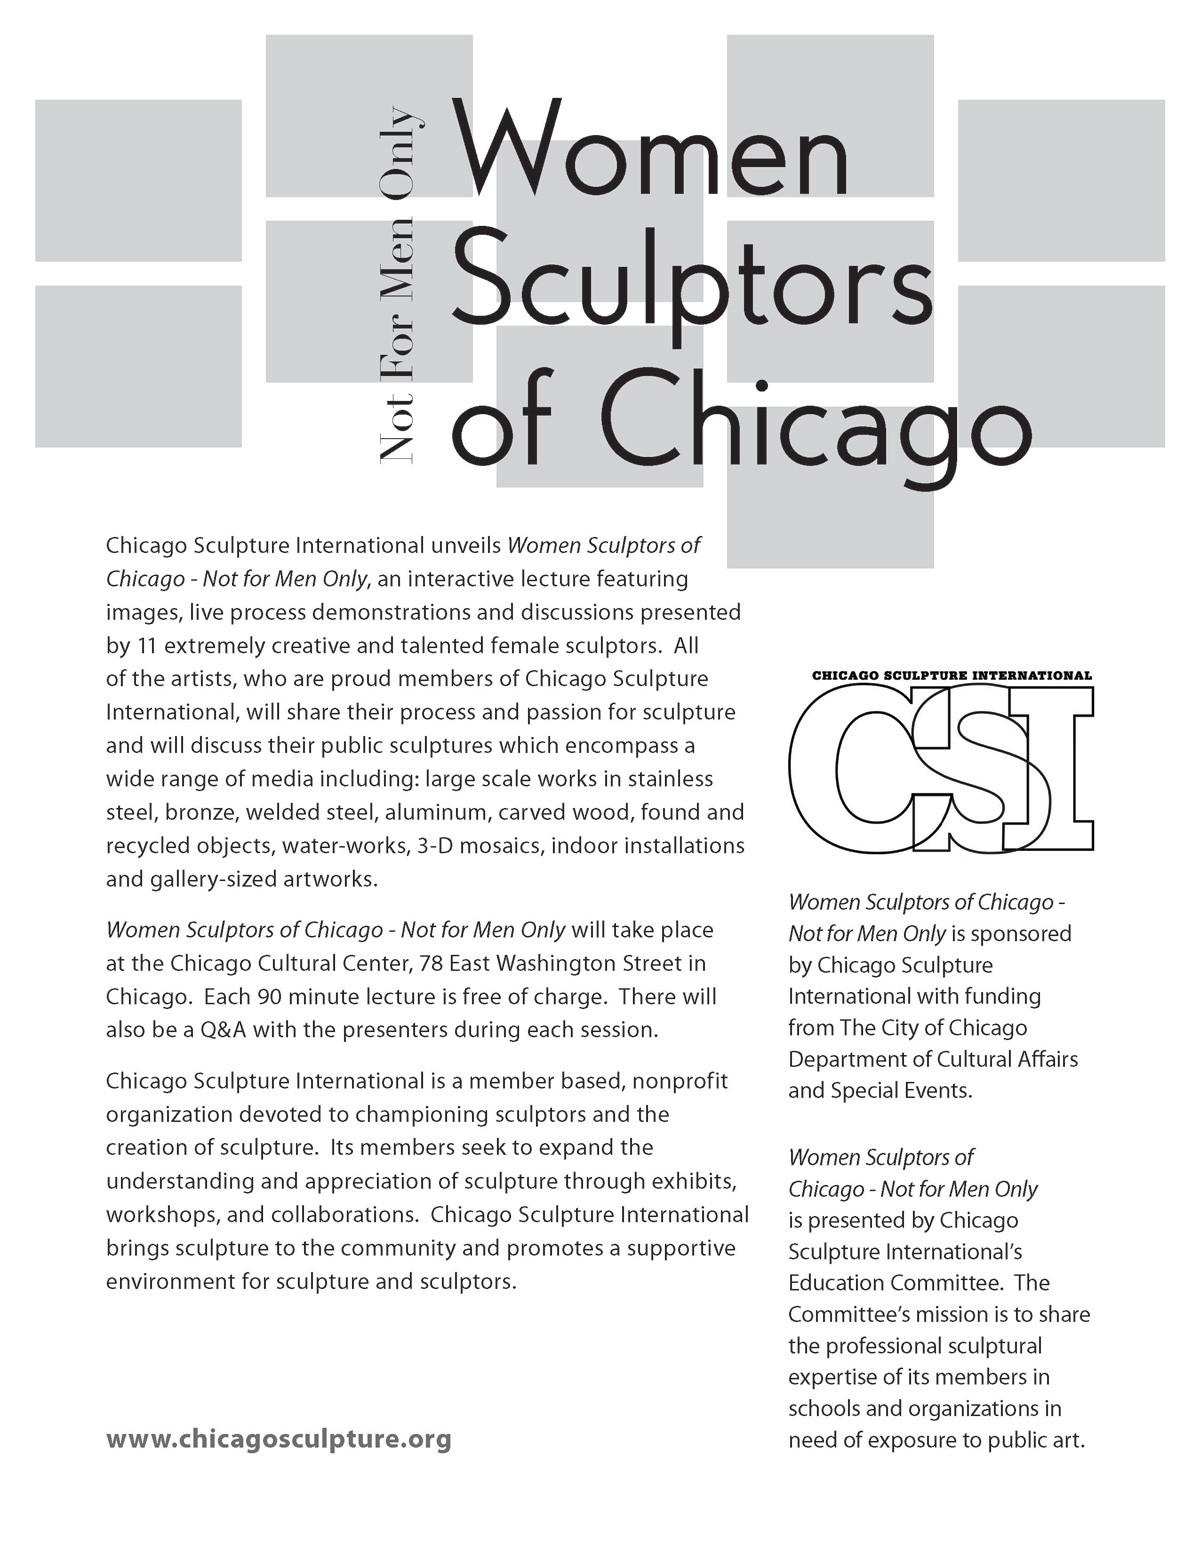 WomenSculptorsOfChicago_Flier_12.28_Page_1-1200x1553.jpg